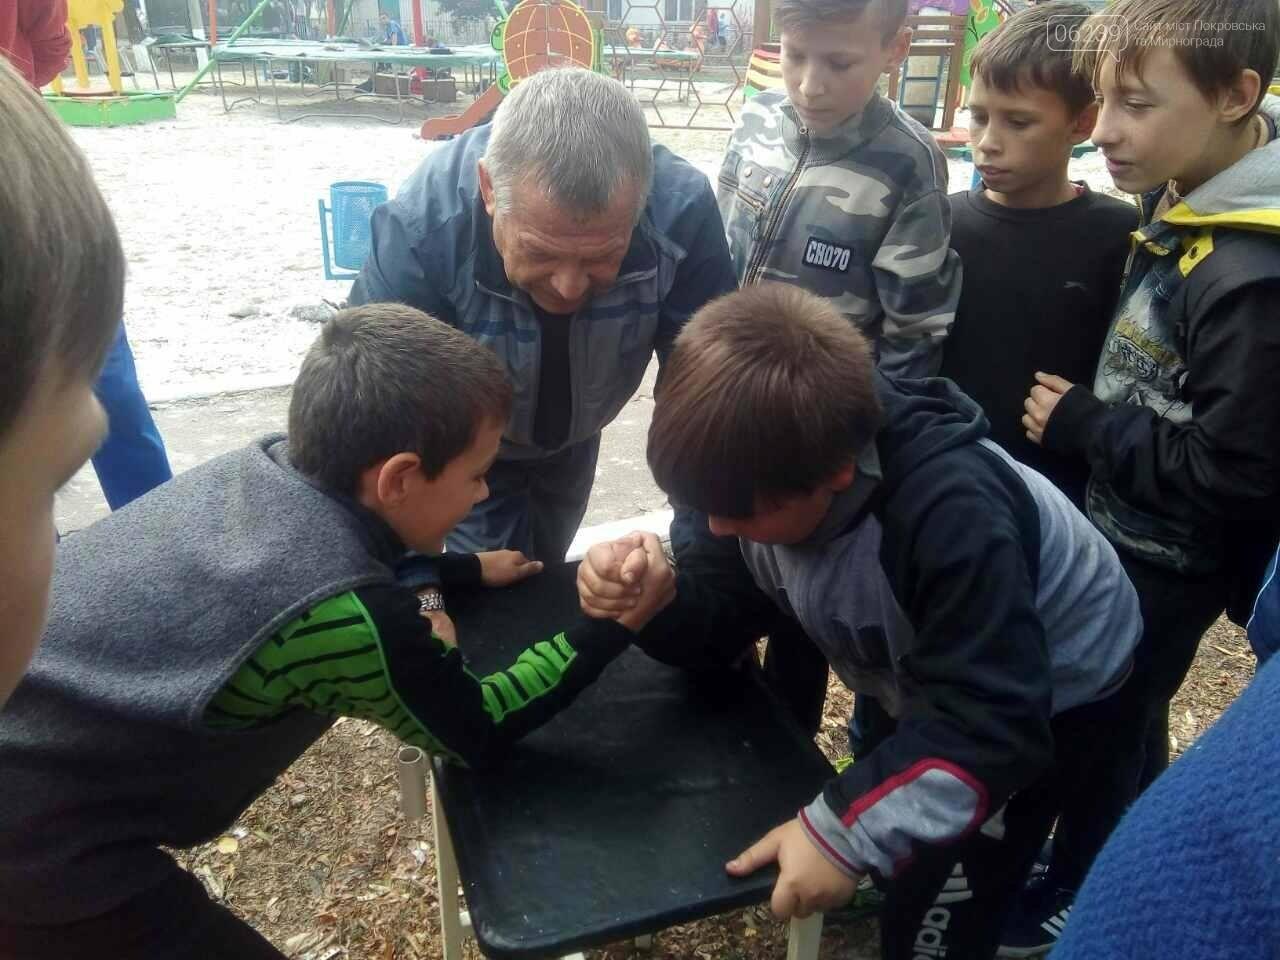 У селищі Шевченко пройшли змагання  з армспорту, гирьового спорту та перетягування канату, фото-1